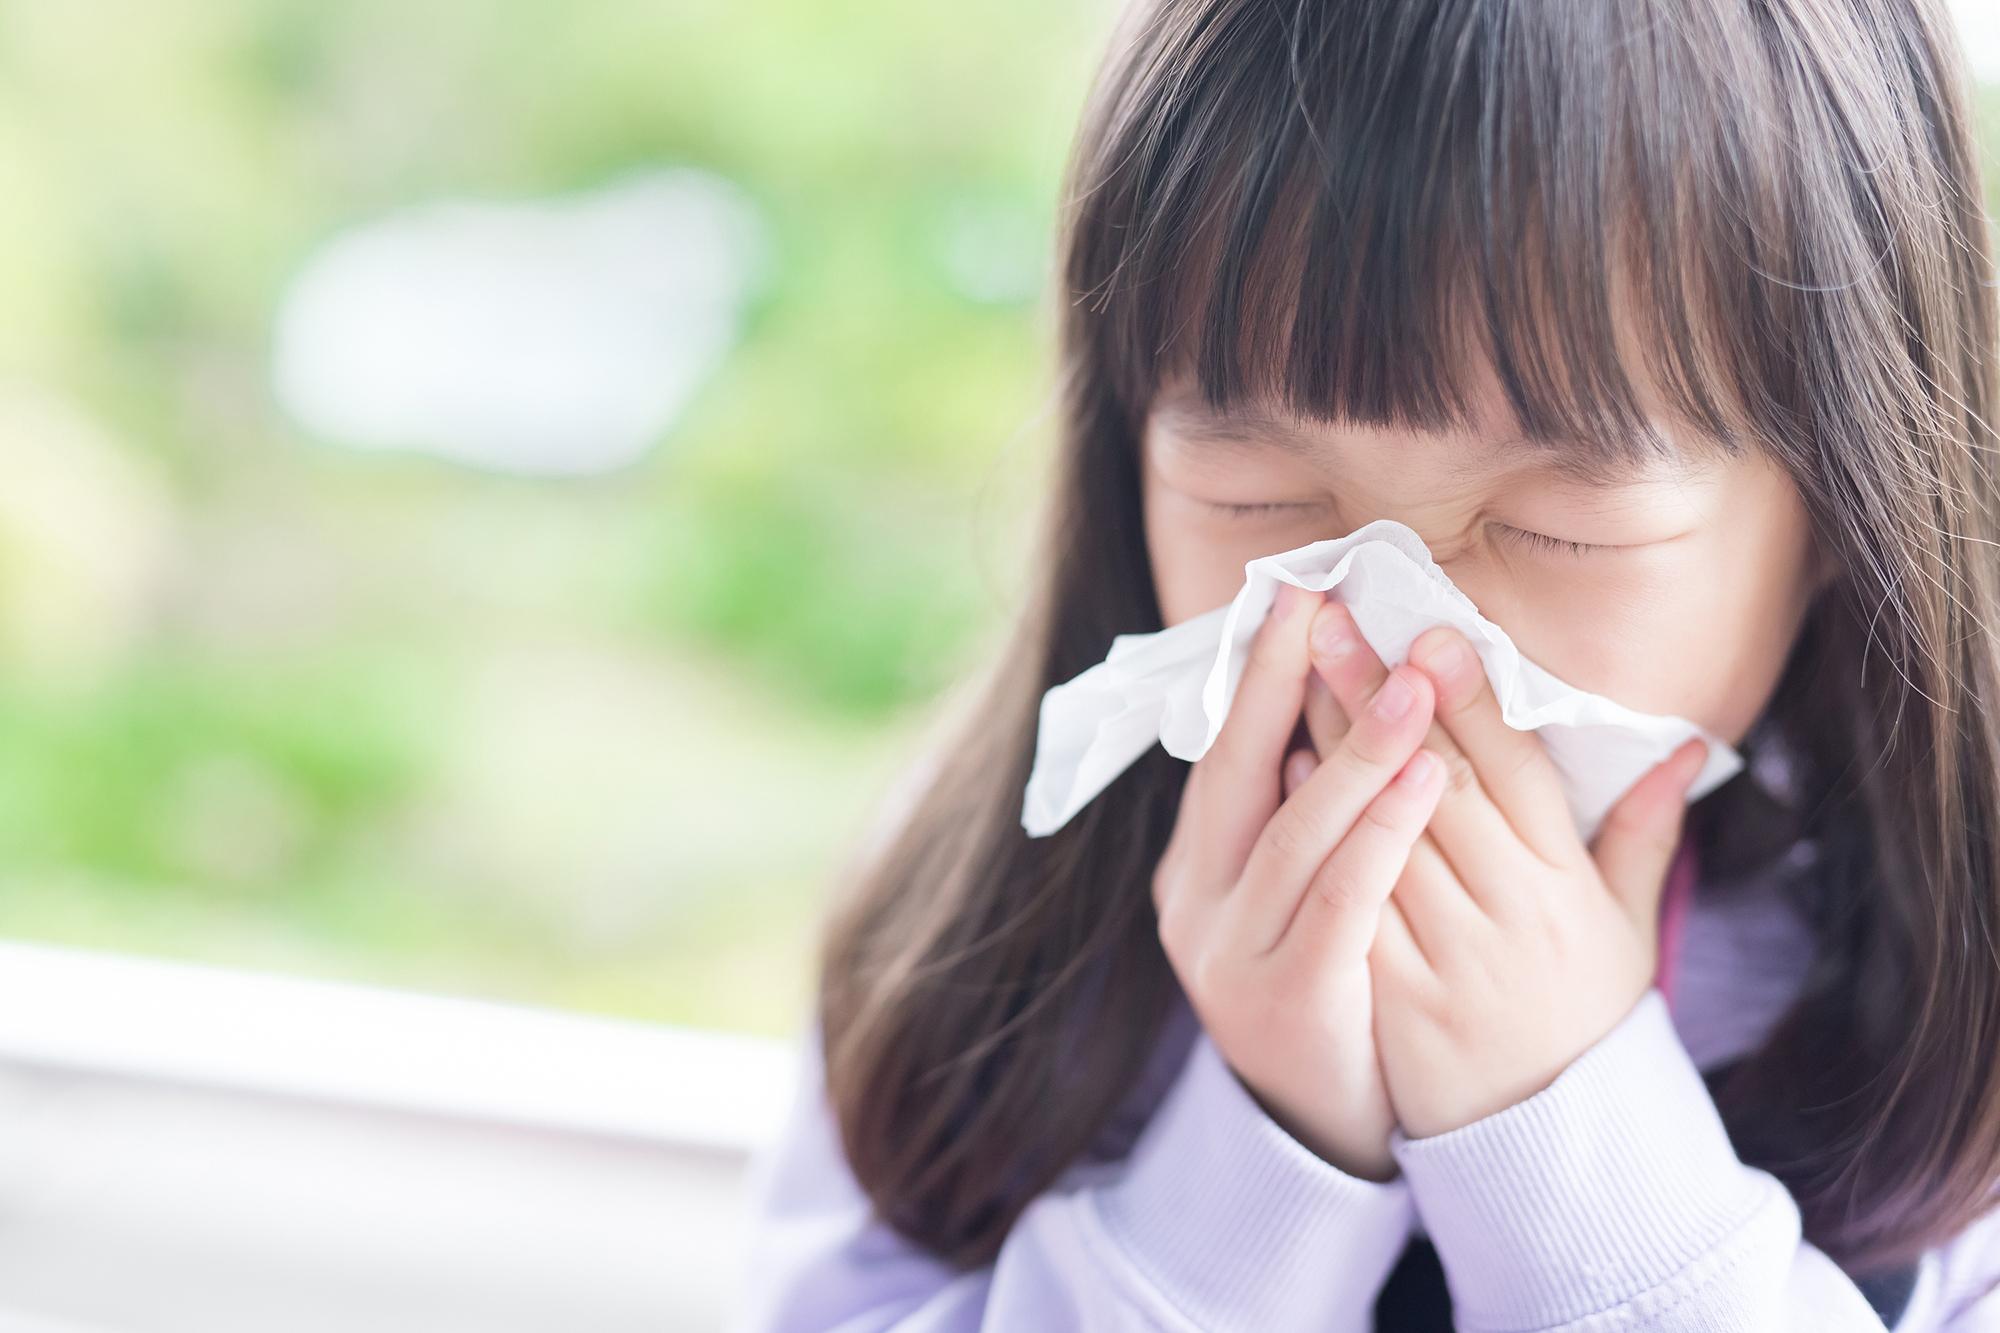 【流感來襲】感冒vs流感 還未分得清?